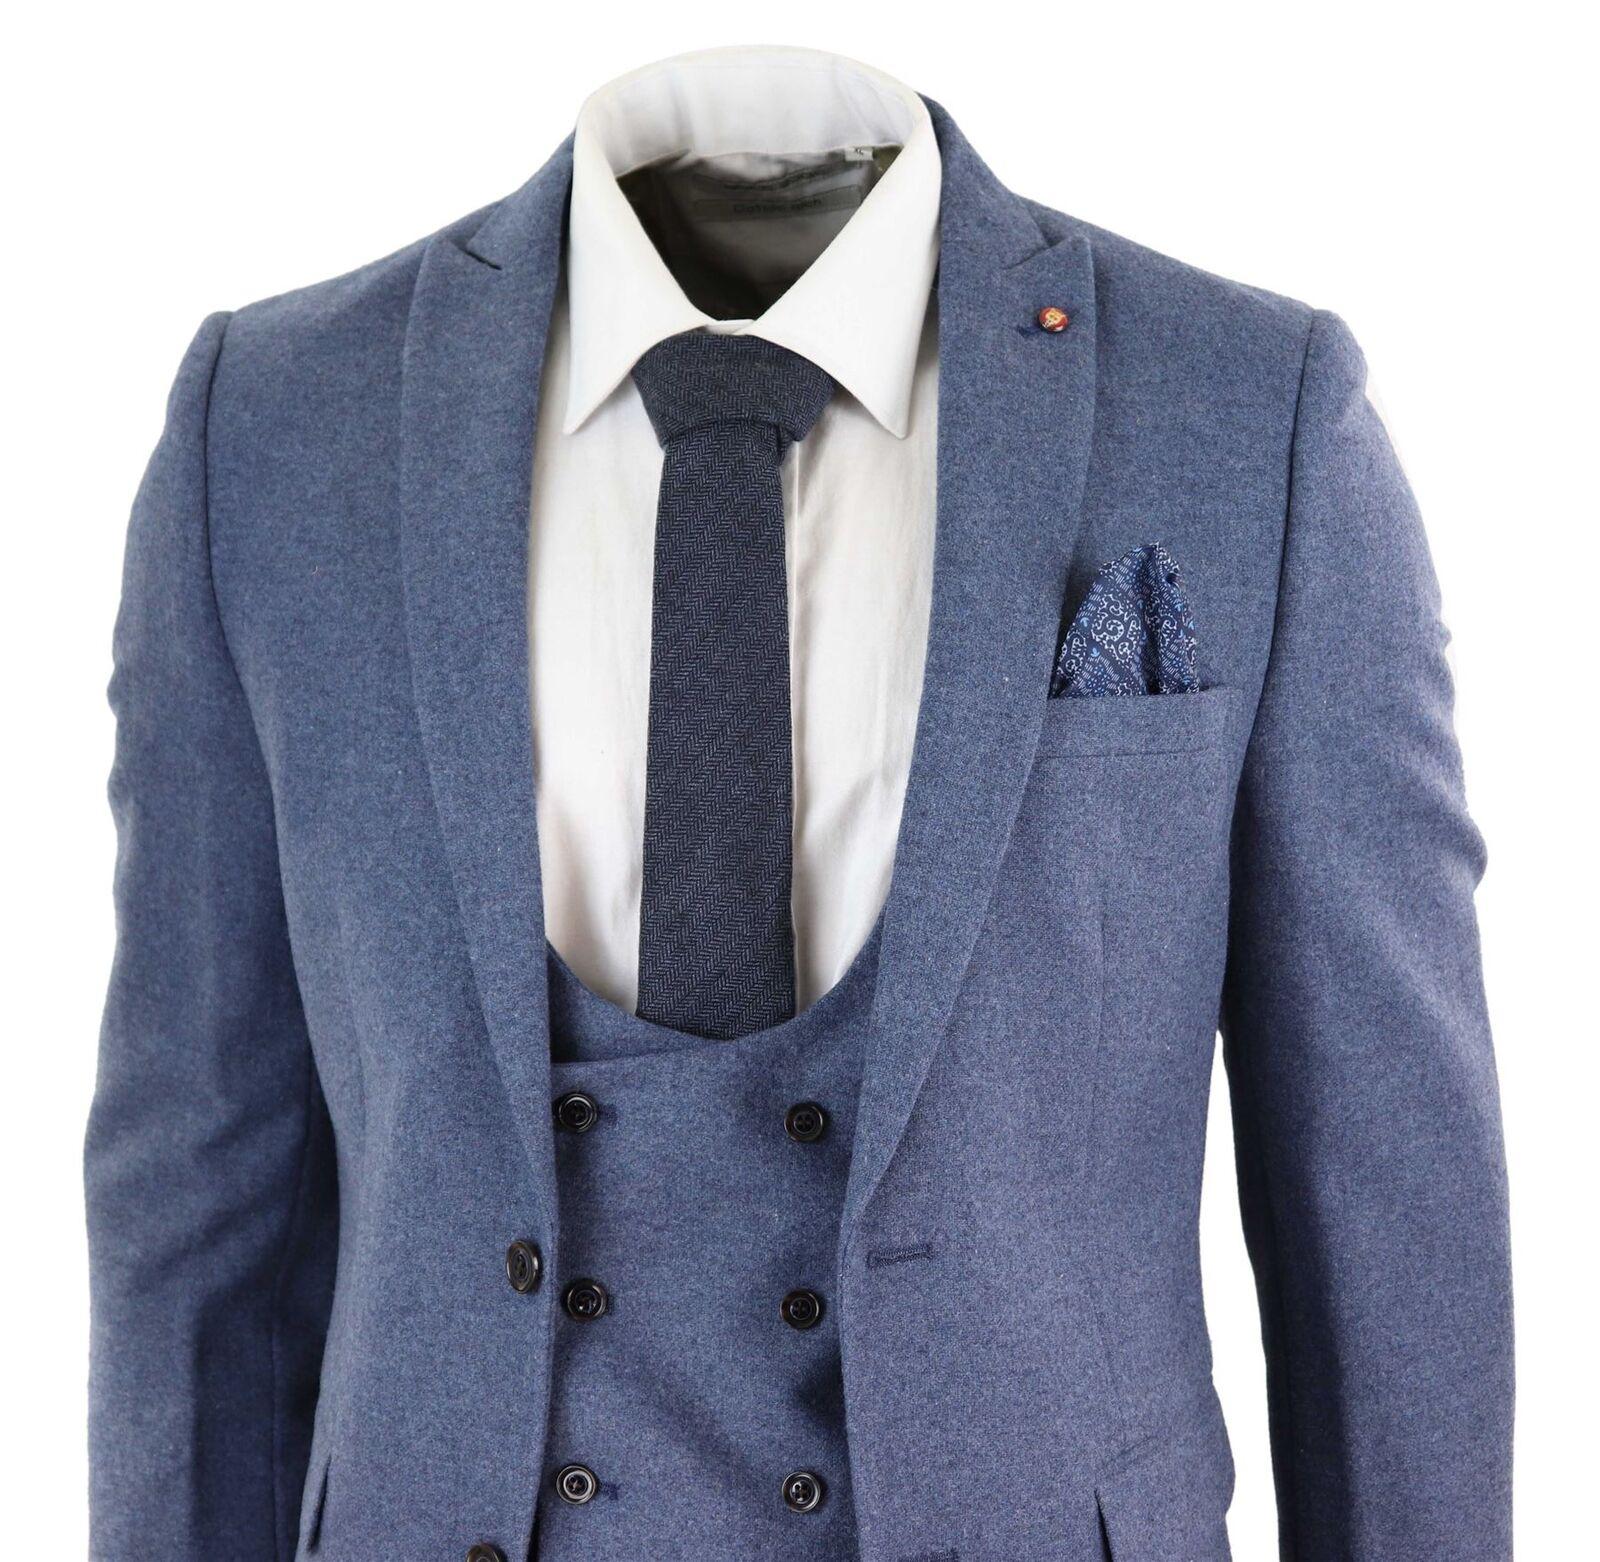 494adfdc1 Herren Wool Tweed 3 Piece Suit Slim Fit Blau Vintage Double Breast Peaky  Blinders